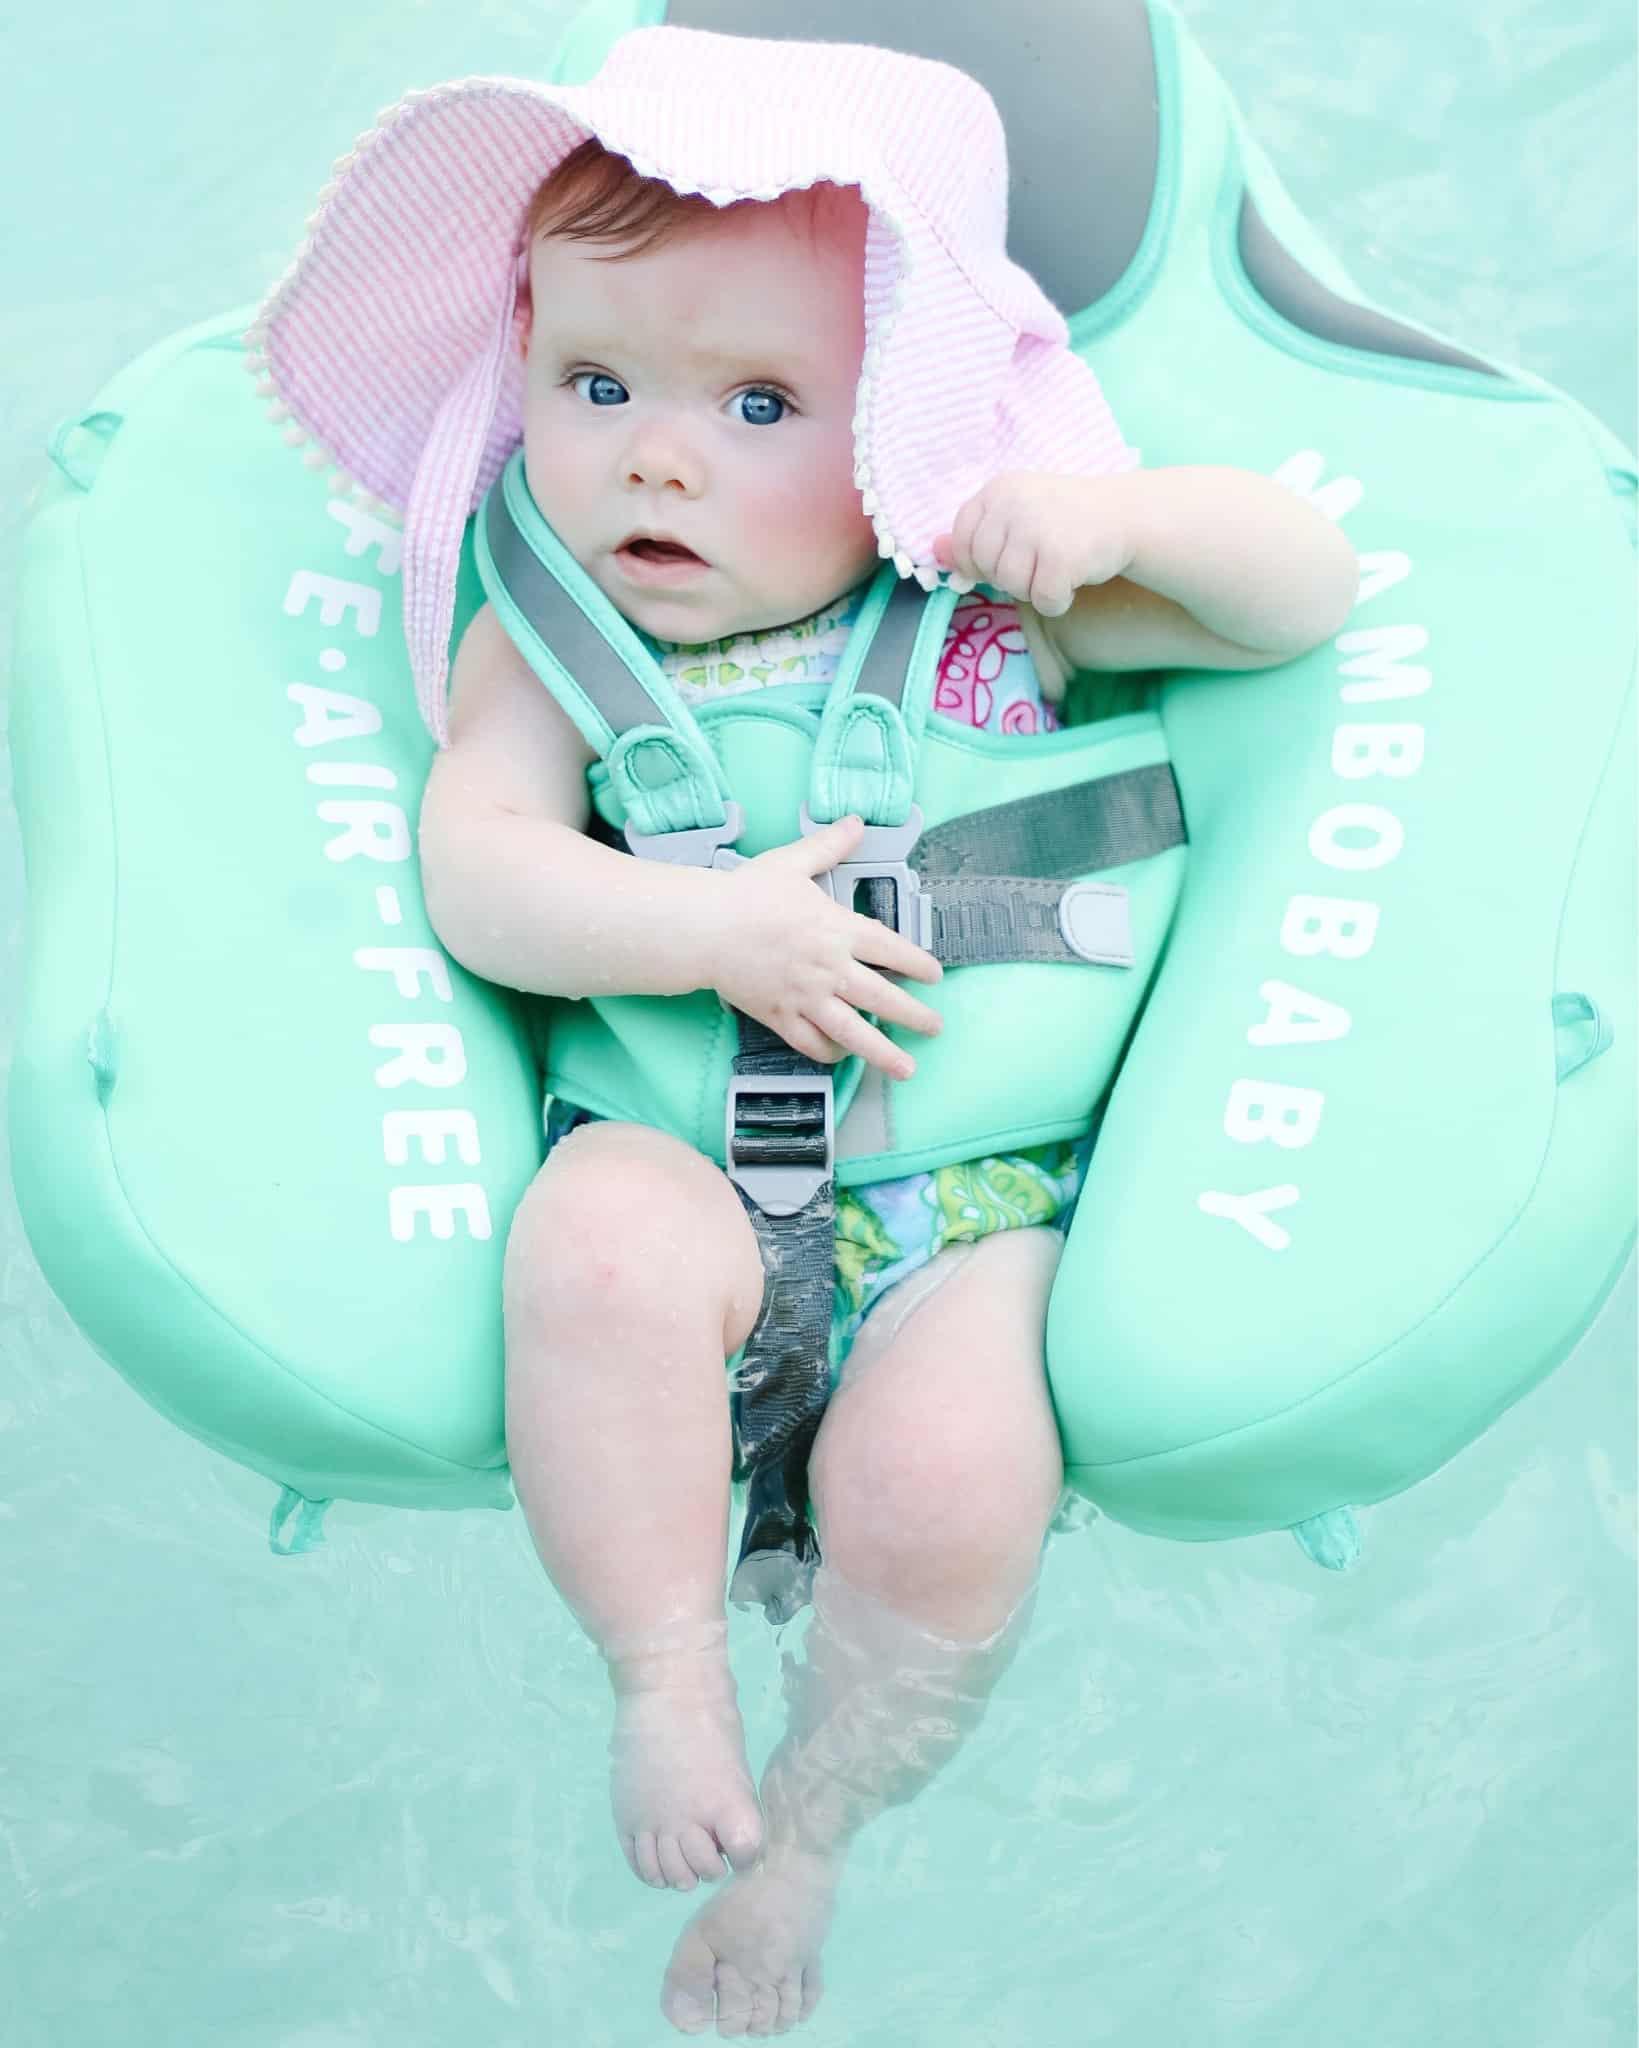 baby girl in pool float